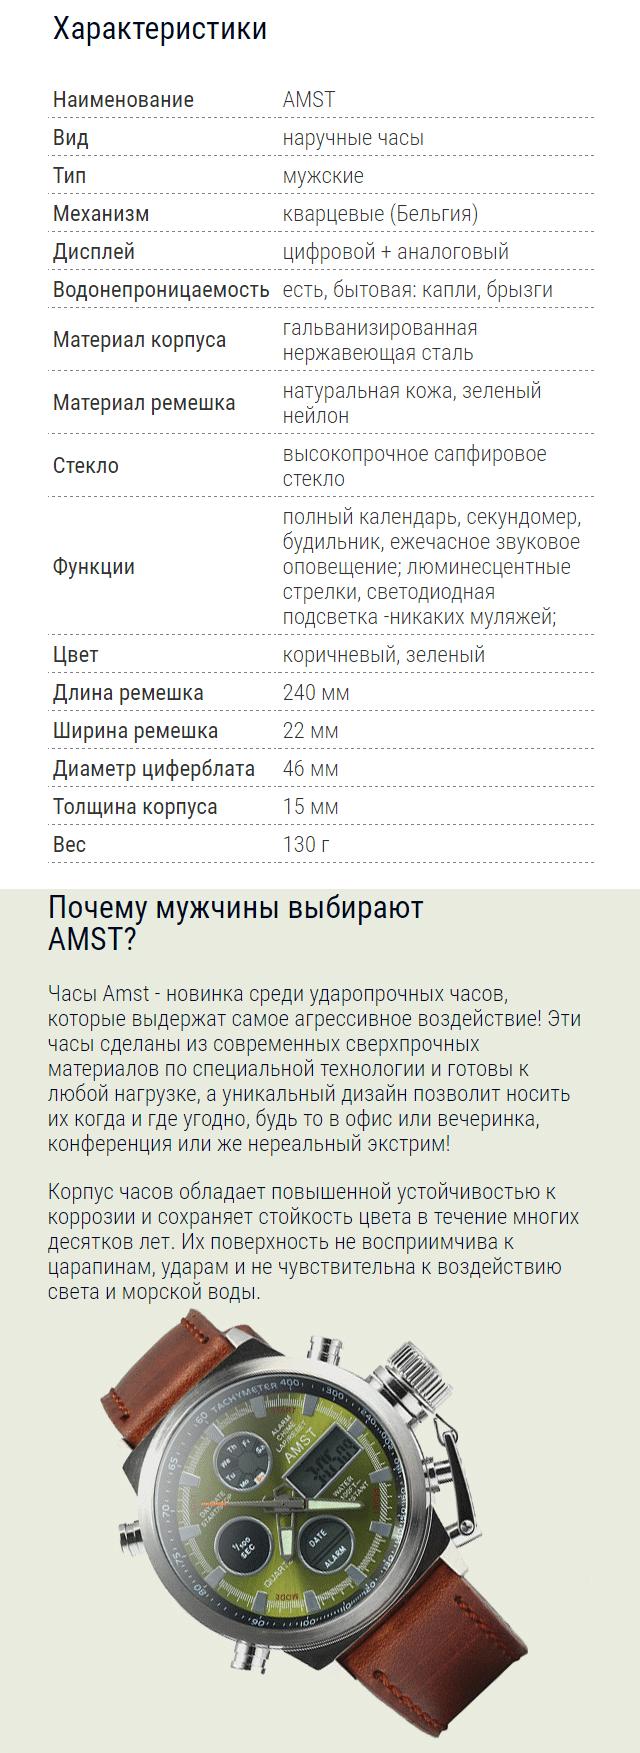 часы amst 3003 инструкция скачать запоминающиеся